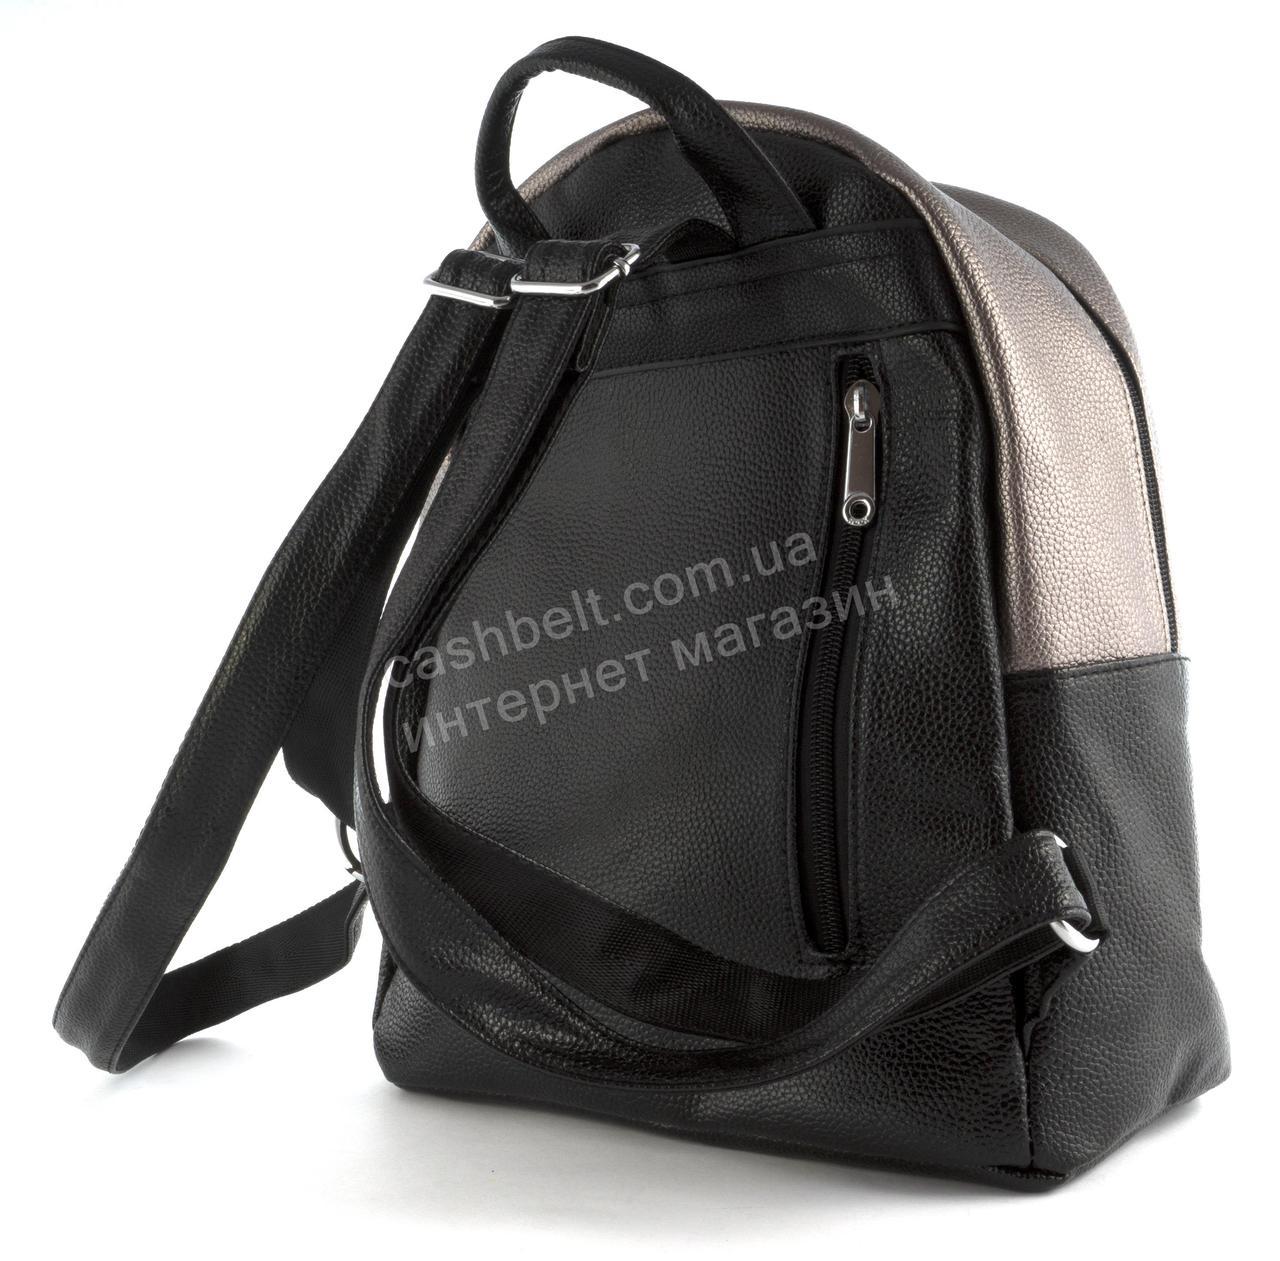 85d96bd2 ... Стильный женский качественный городской рюкзак среднего размера art.  9868 черный/бронза, фото 3 ...